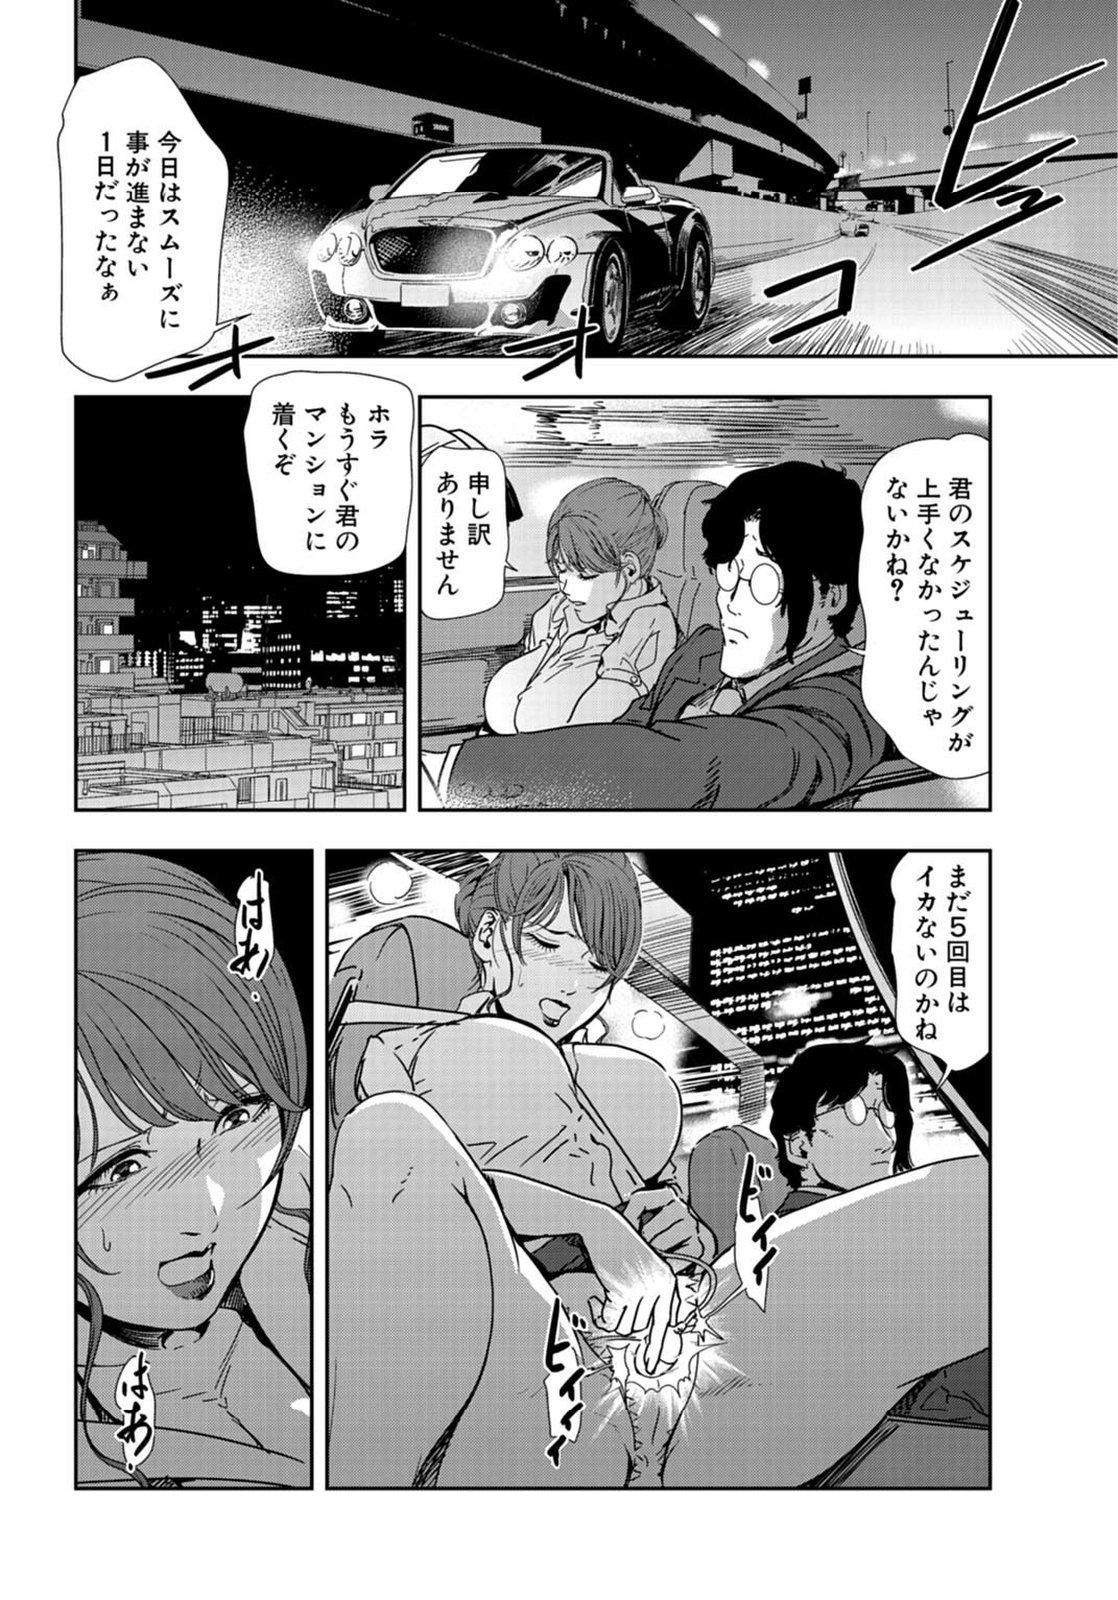 Nikuhisyo Yukiko 21 51